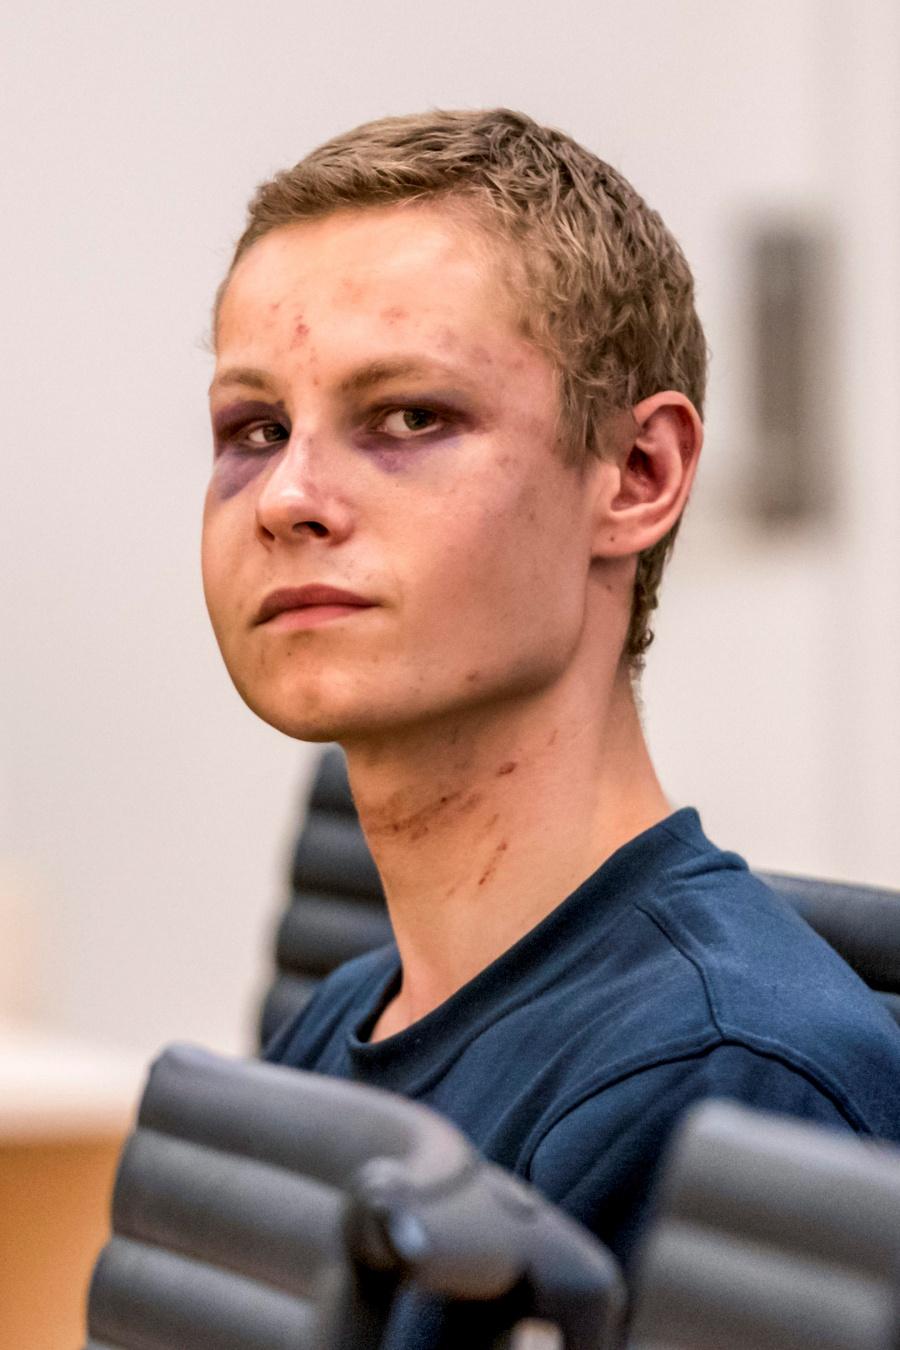 El noruego Philip Manshaus rechazó las acusaciones en su contra